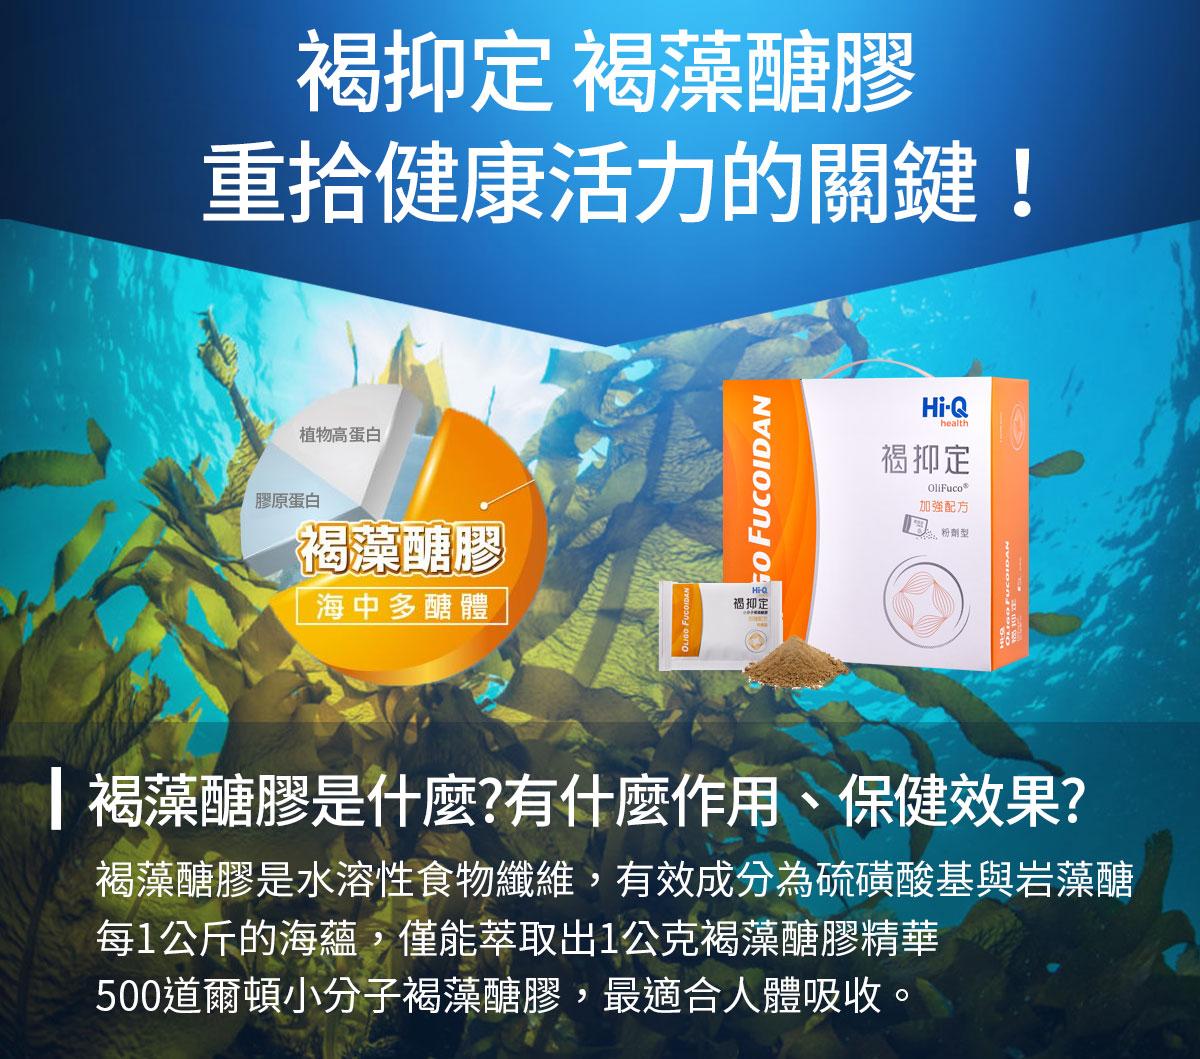 褐抑定褐藻醣膠-100%褐藻醣膠天然萃取-唯一經人體臨床實證-褐藻醣膠是甚麼-健康優先訂購0800-800-924